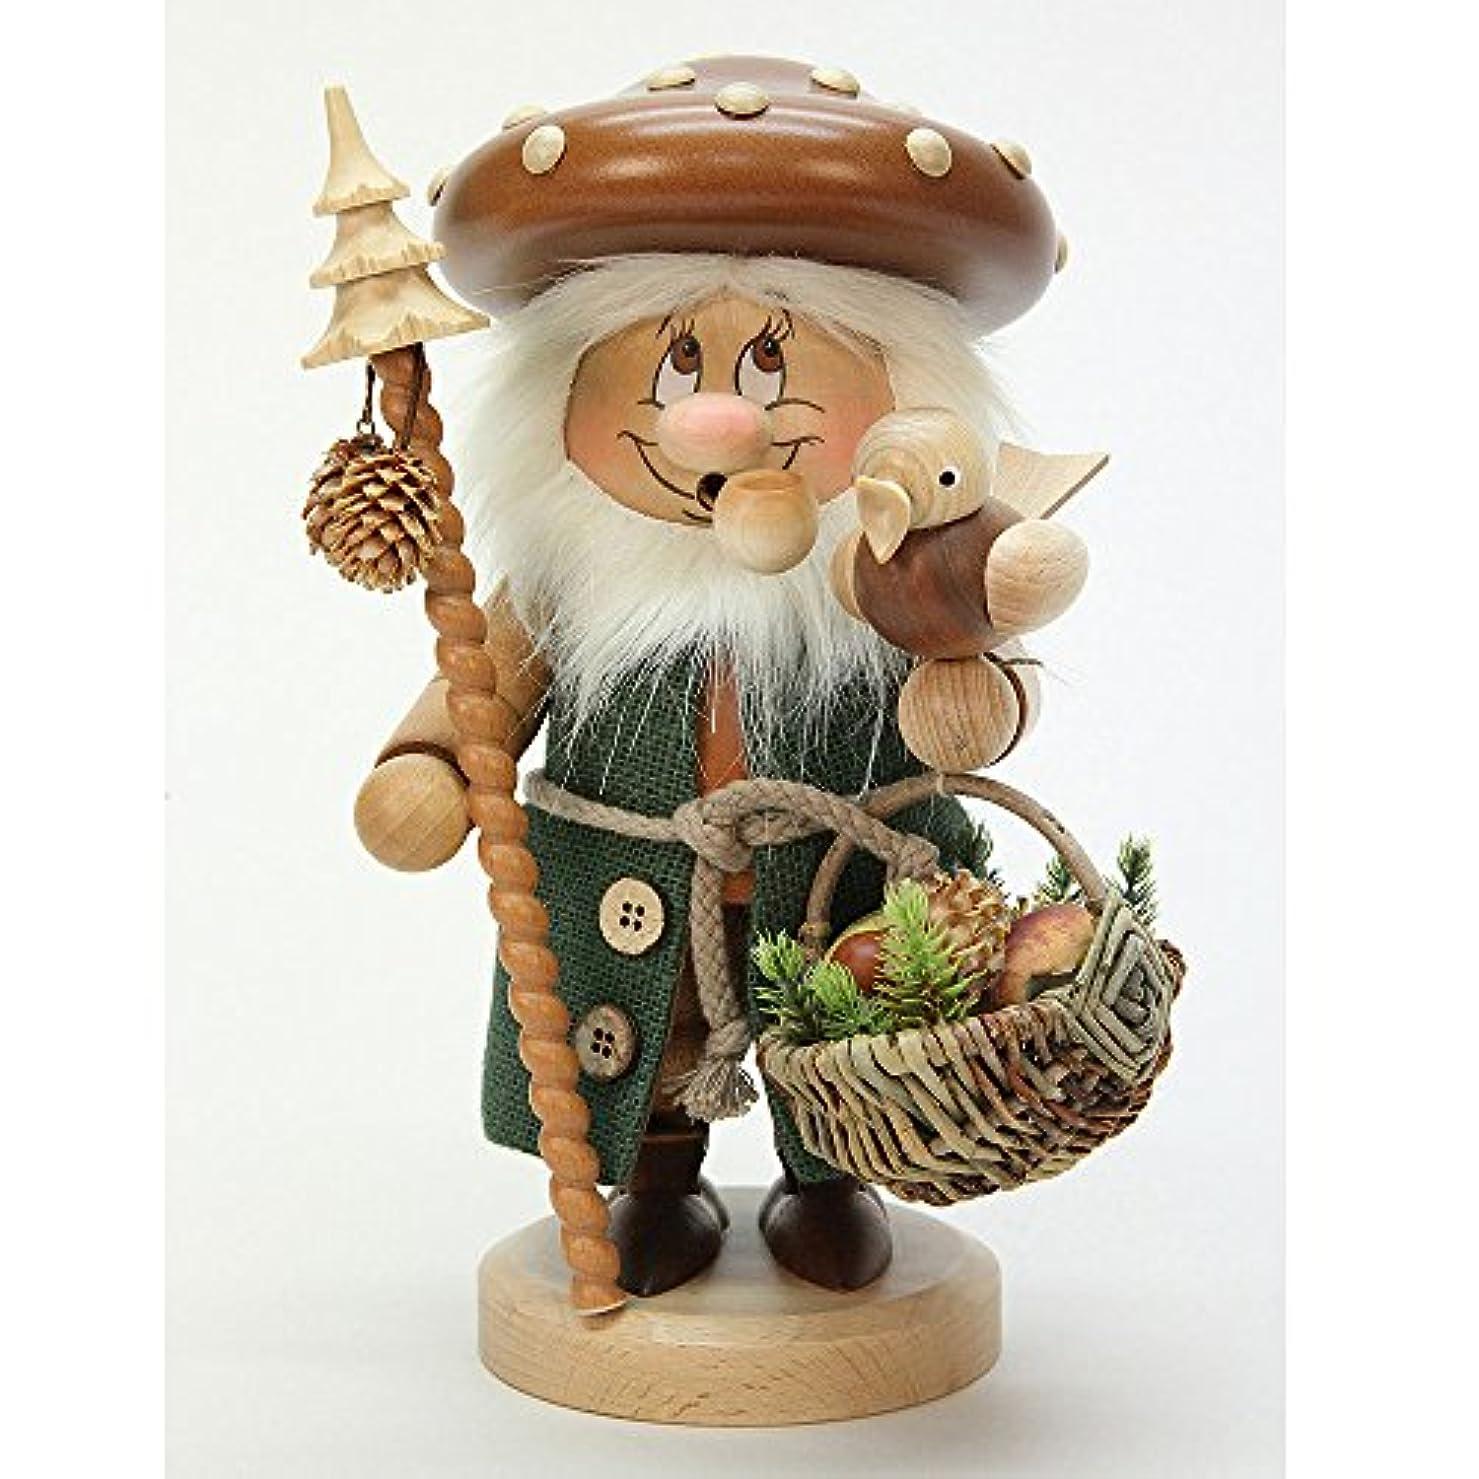 脚本証明事ドイツ語喫煙者Incense GnomeマッシュルームMan – 27 cm / 11インチ – Christian Ulbricht